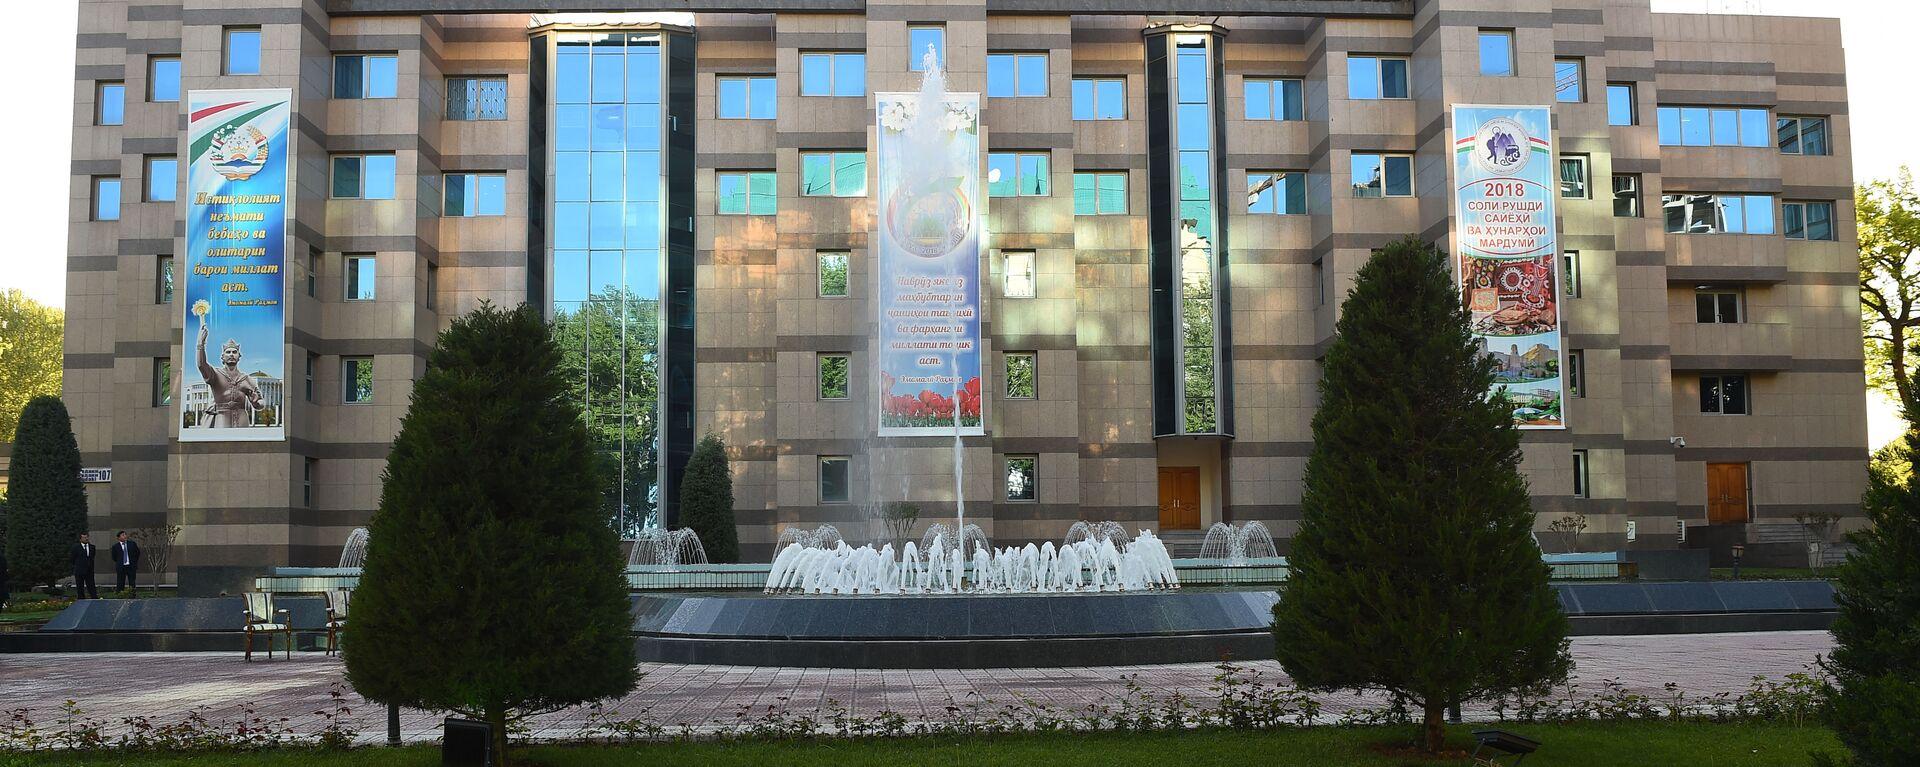 Национальный банк Таджикистана - Sputnik Таджикистан, 1920, 29.06.2021